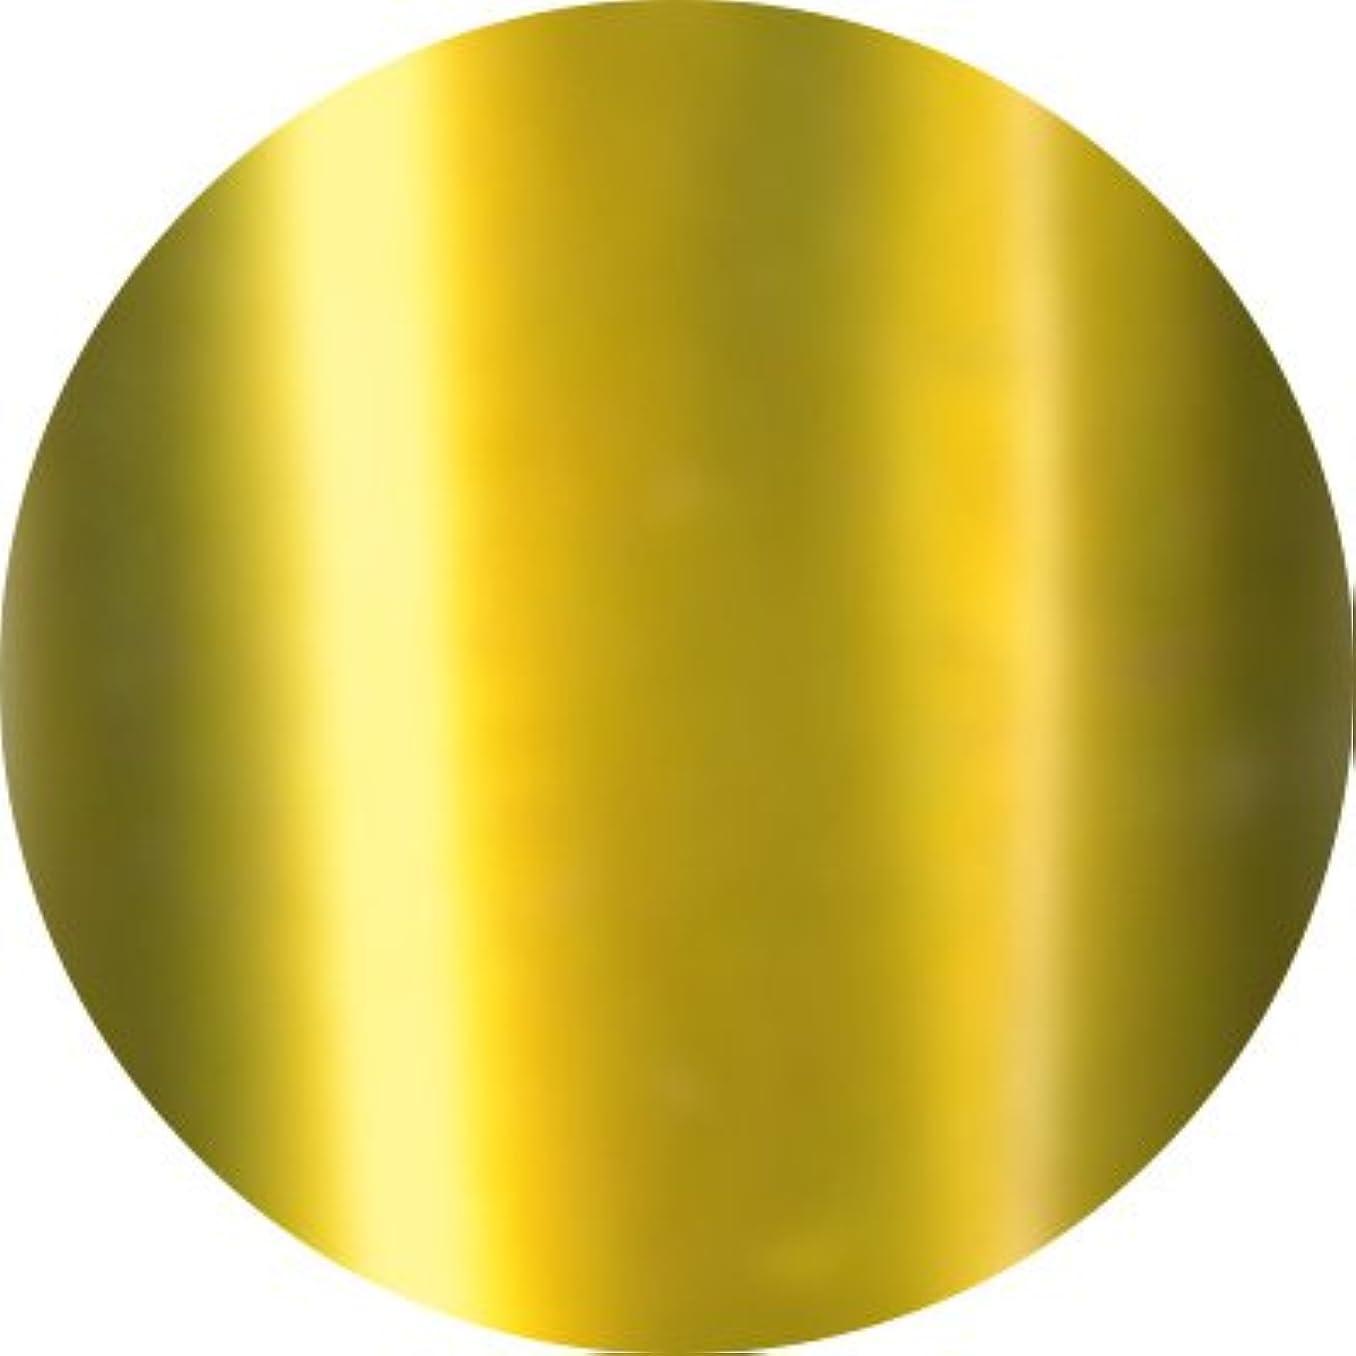 請ううなる著作権Jewelry jel(ジュエリージェル) カラージェル 5ml<BR>ピッカピカメタリック MKゴールド